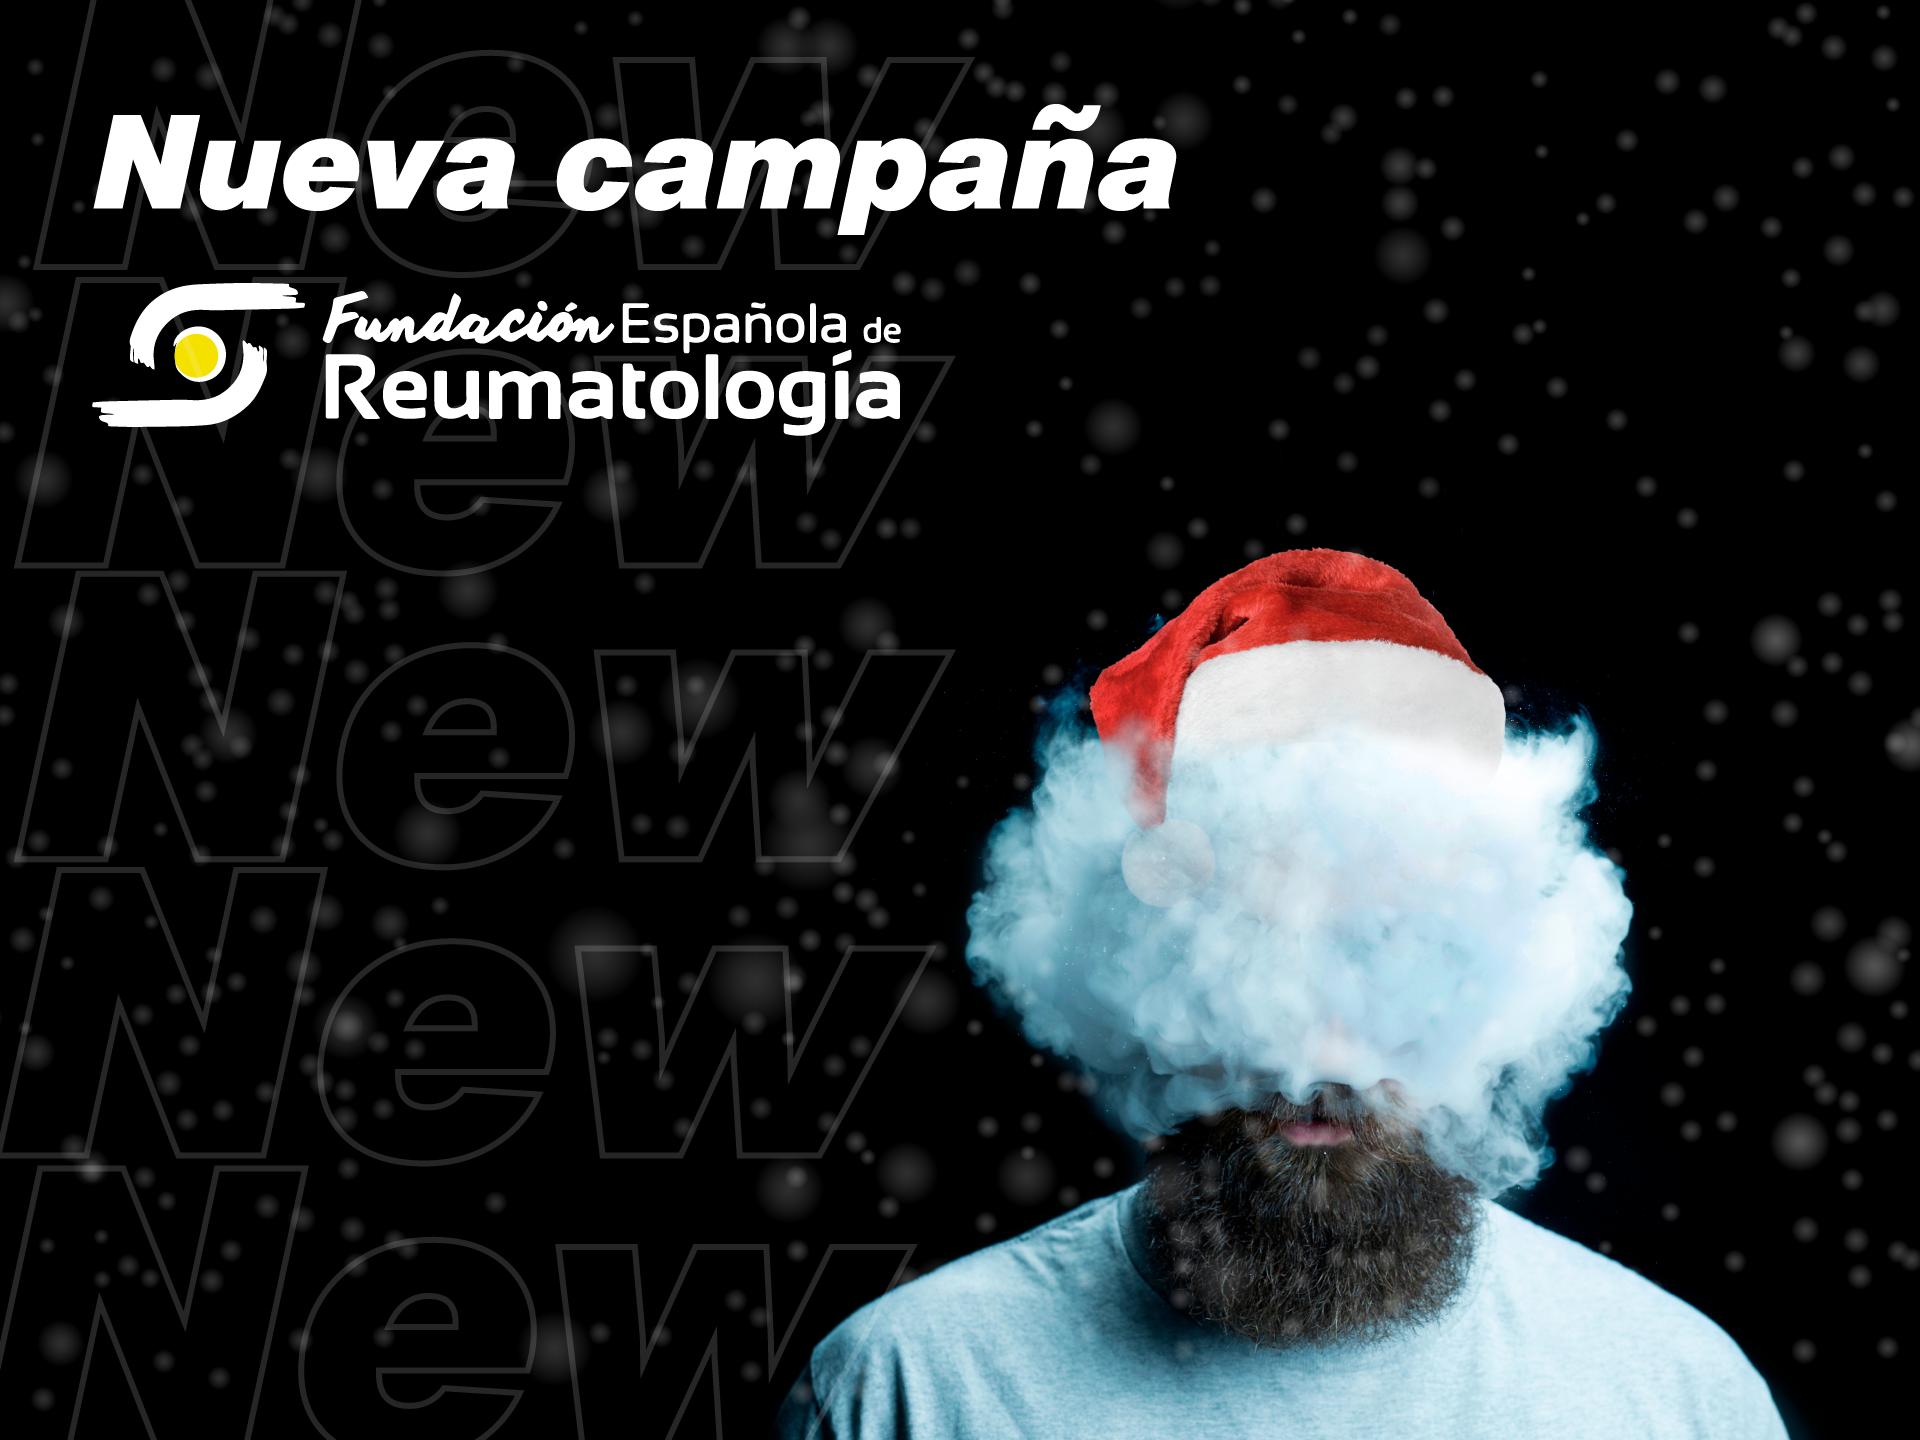 Nueva campaña para la Fundación Española de Reumatología - Parnaso